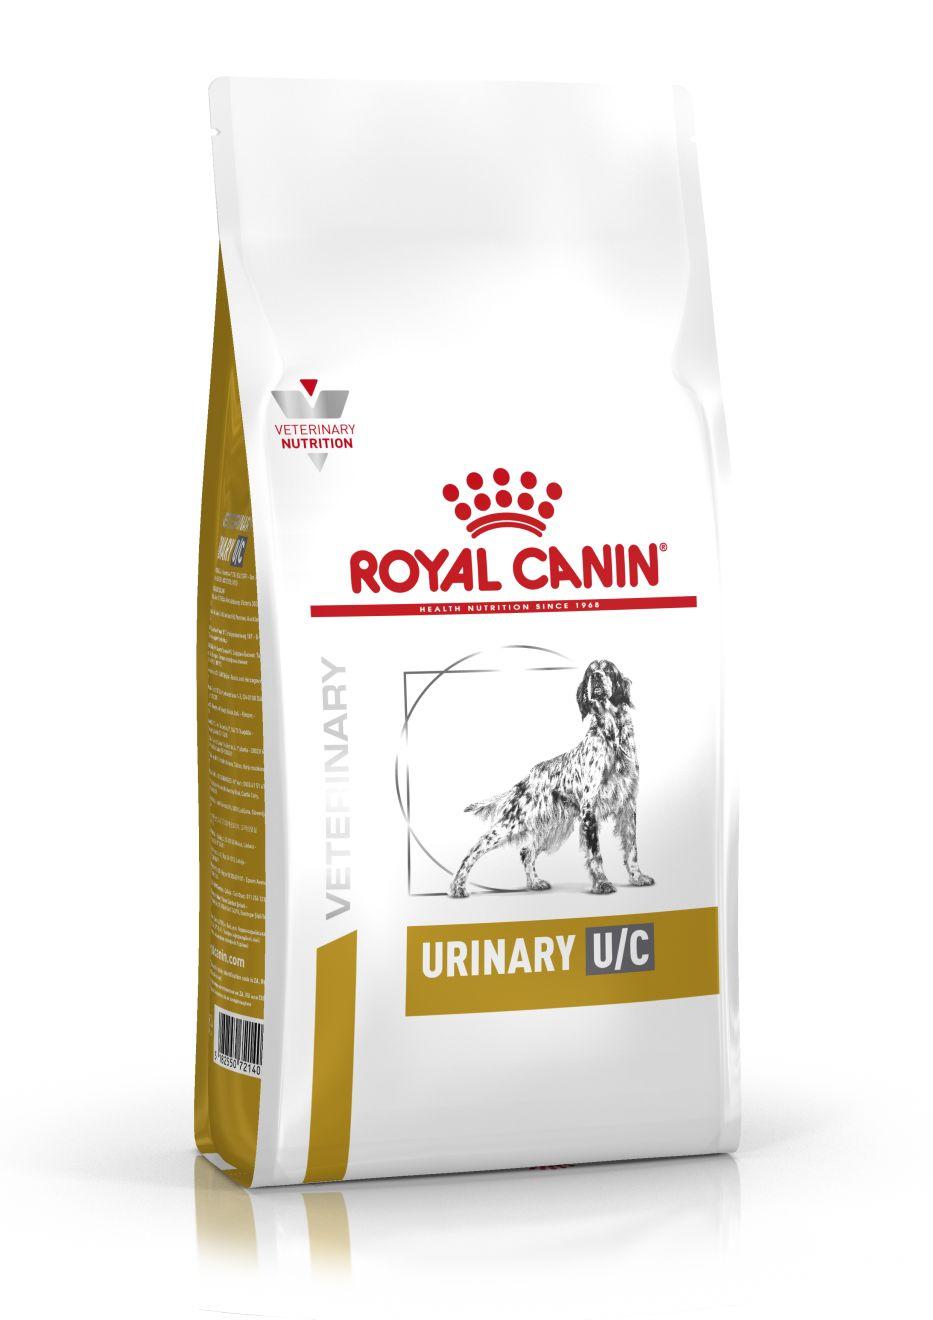 ROYAL CANIN URINARY U/C – лечебный сухой корм для собак для профилактики образования уратных, цистиновых или ксантиновых камней